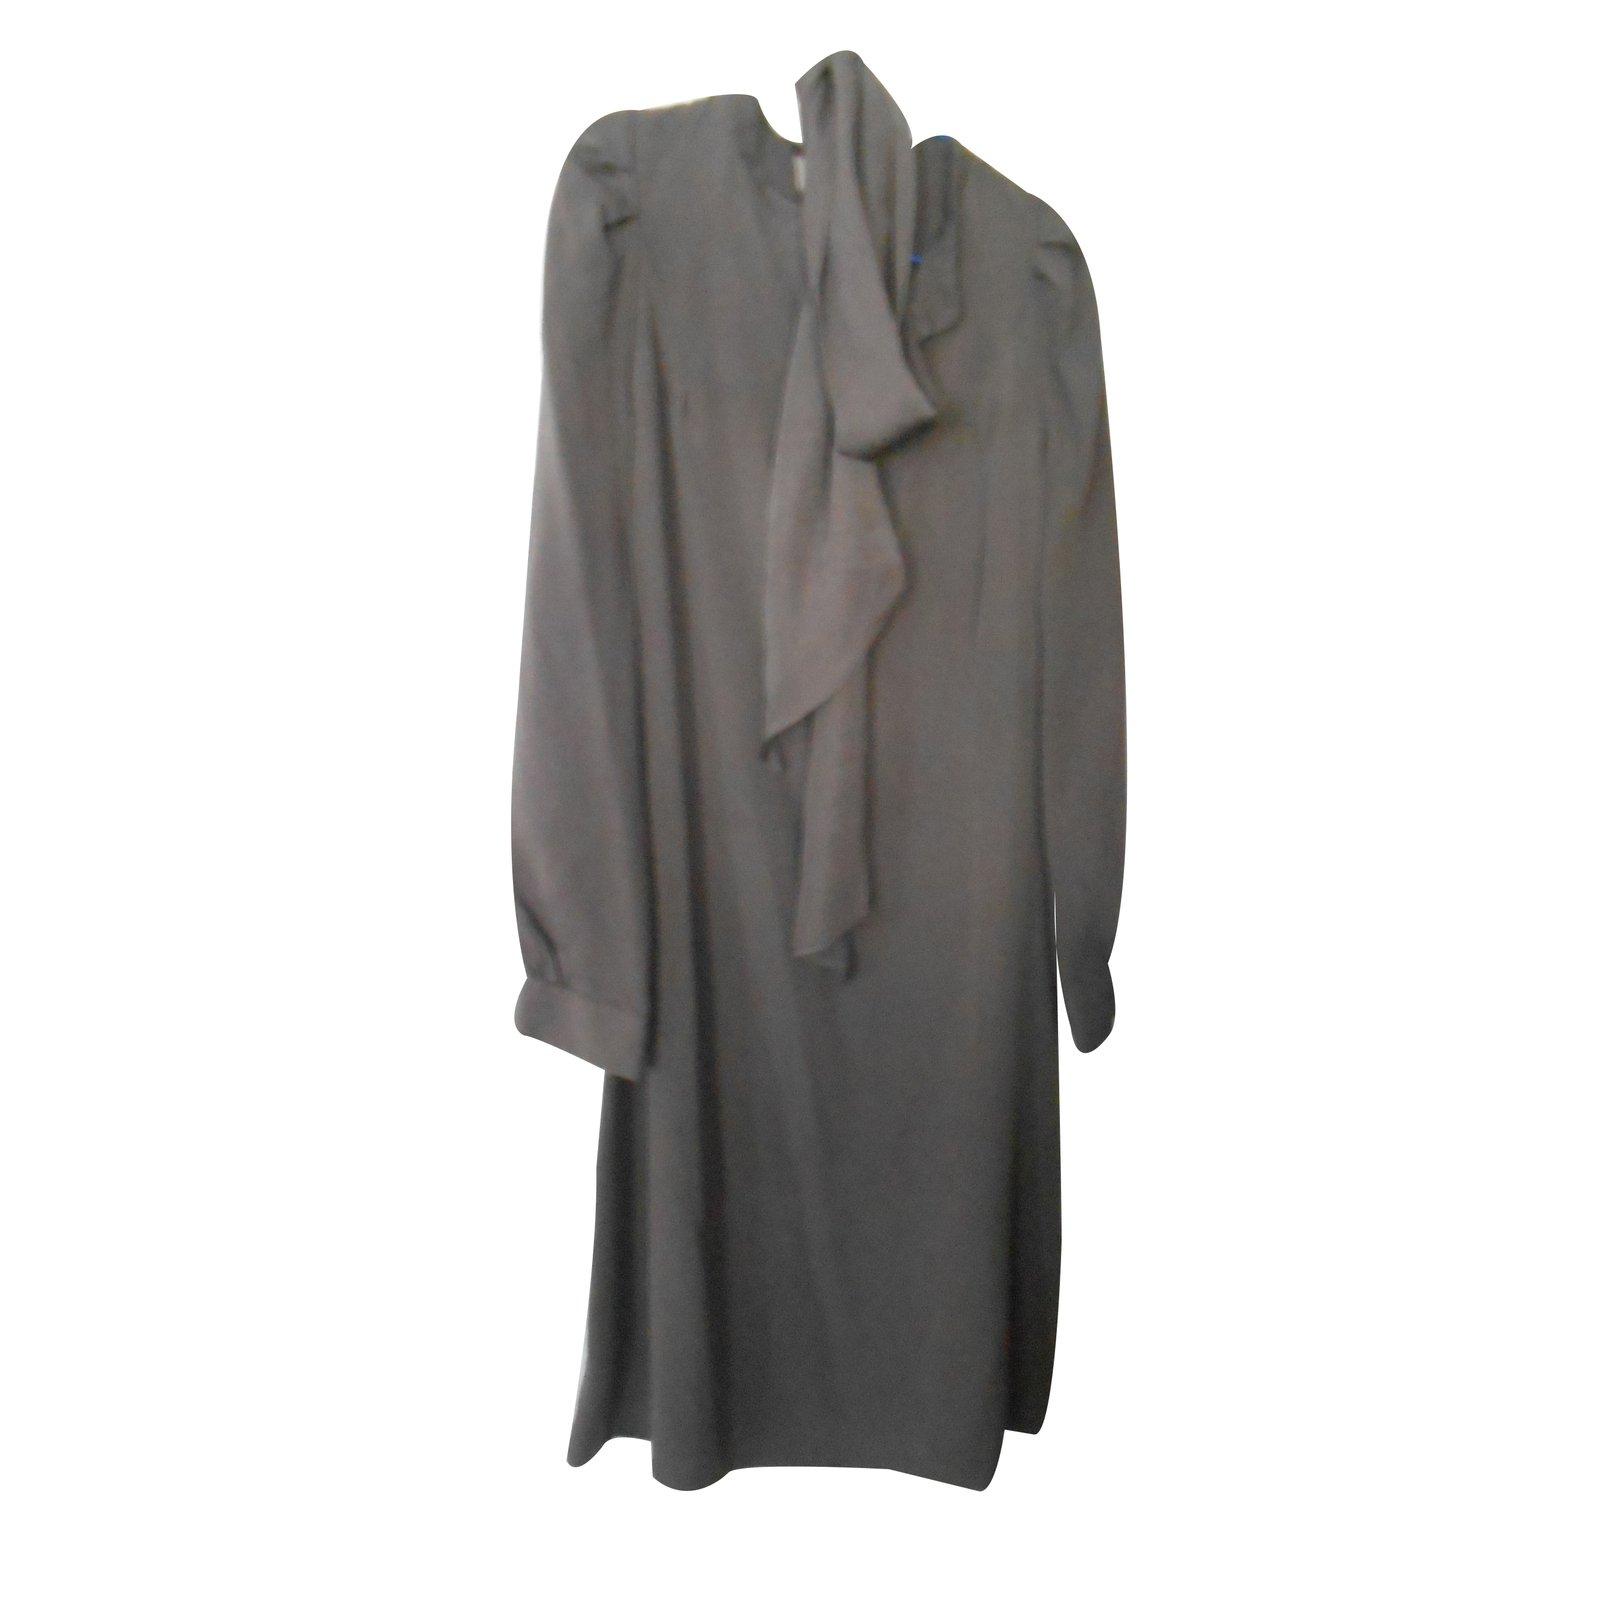 robes vanessa bruno robe en soie grise taupe l gante et classe plusieurs fa ons de la porter. Black Bedroom Furniture Sets. Home Design Ideas